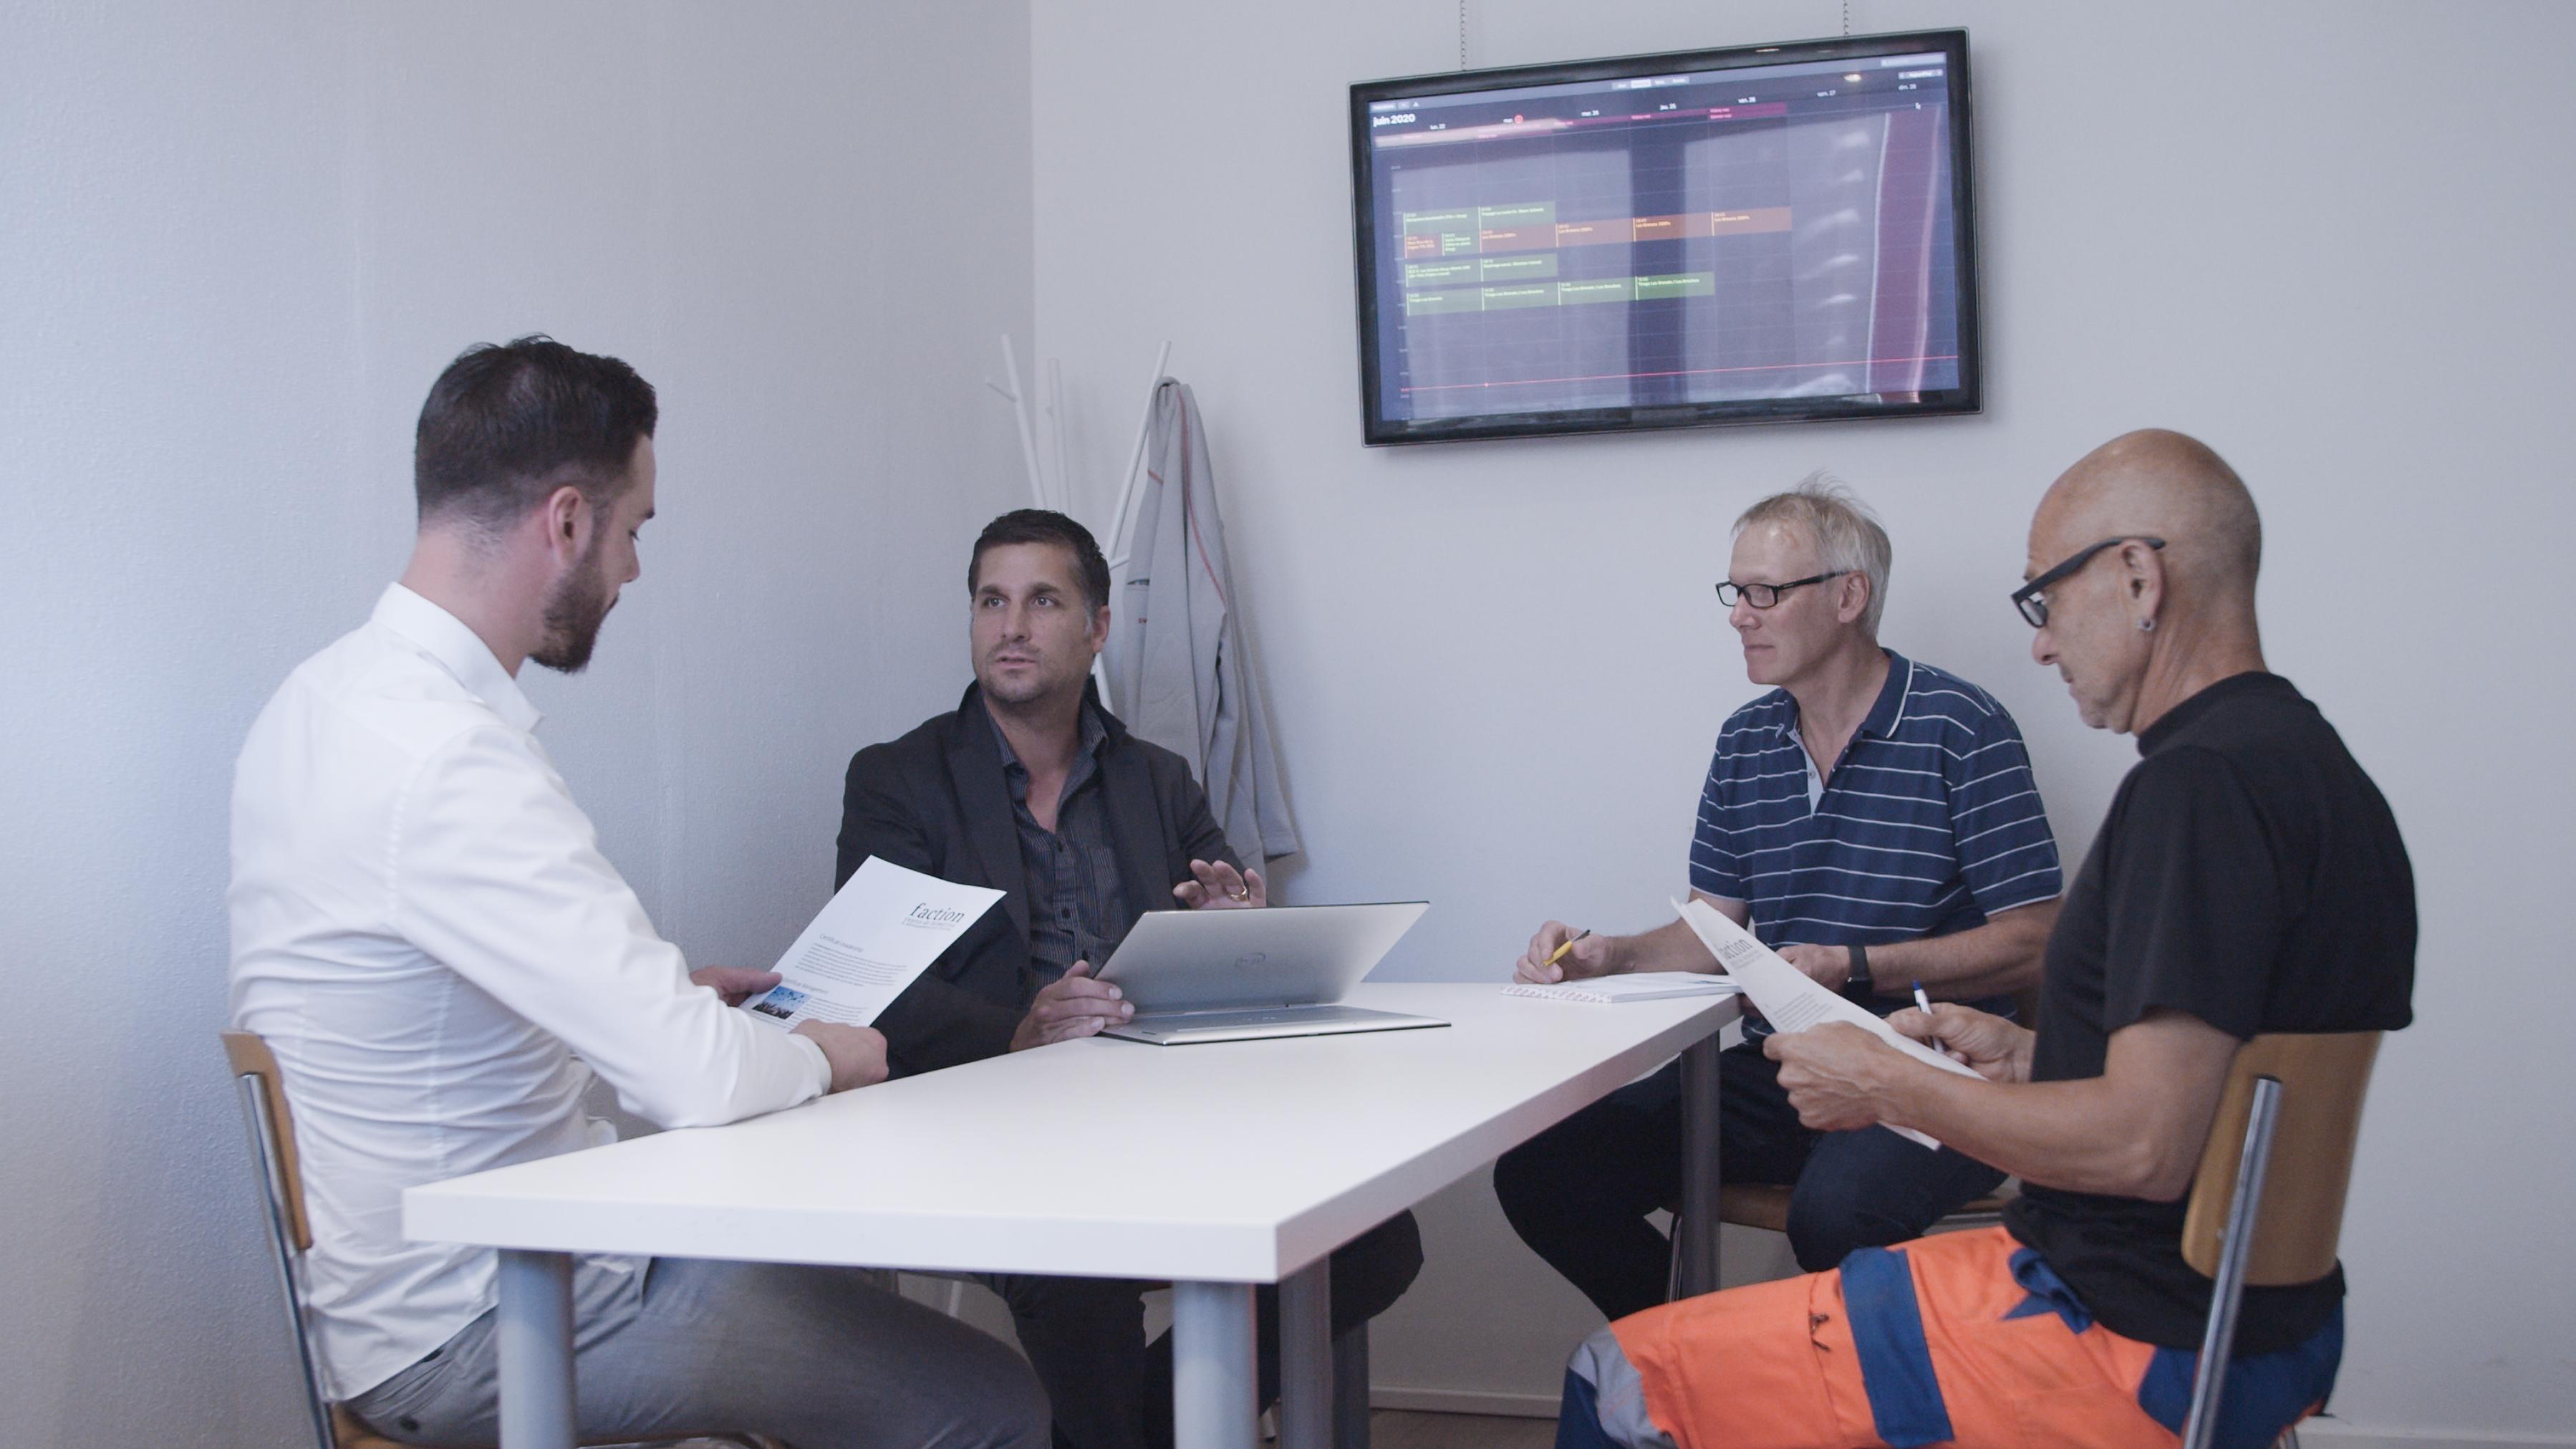 Certificat Management ASFC - Neuchâtel / Lausanne / Fribourg